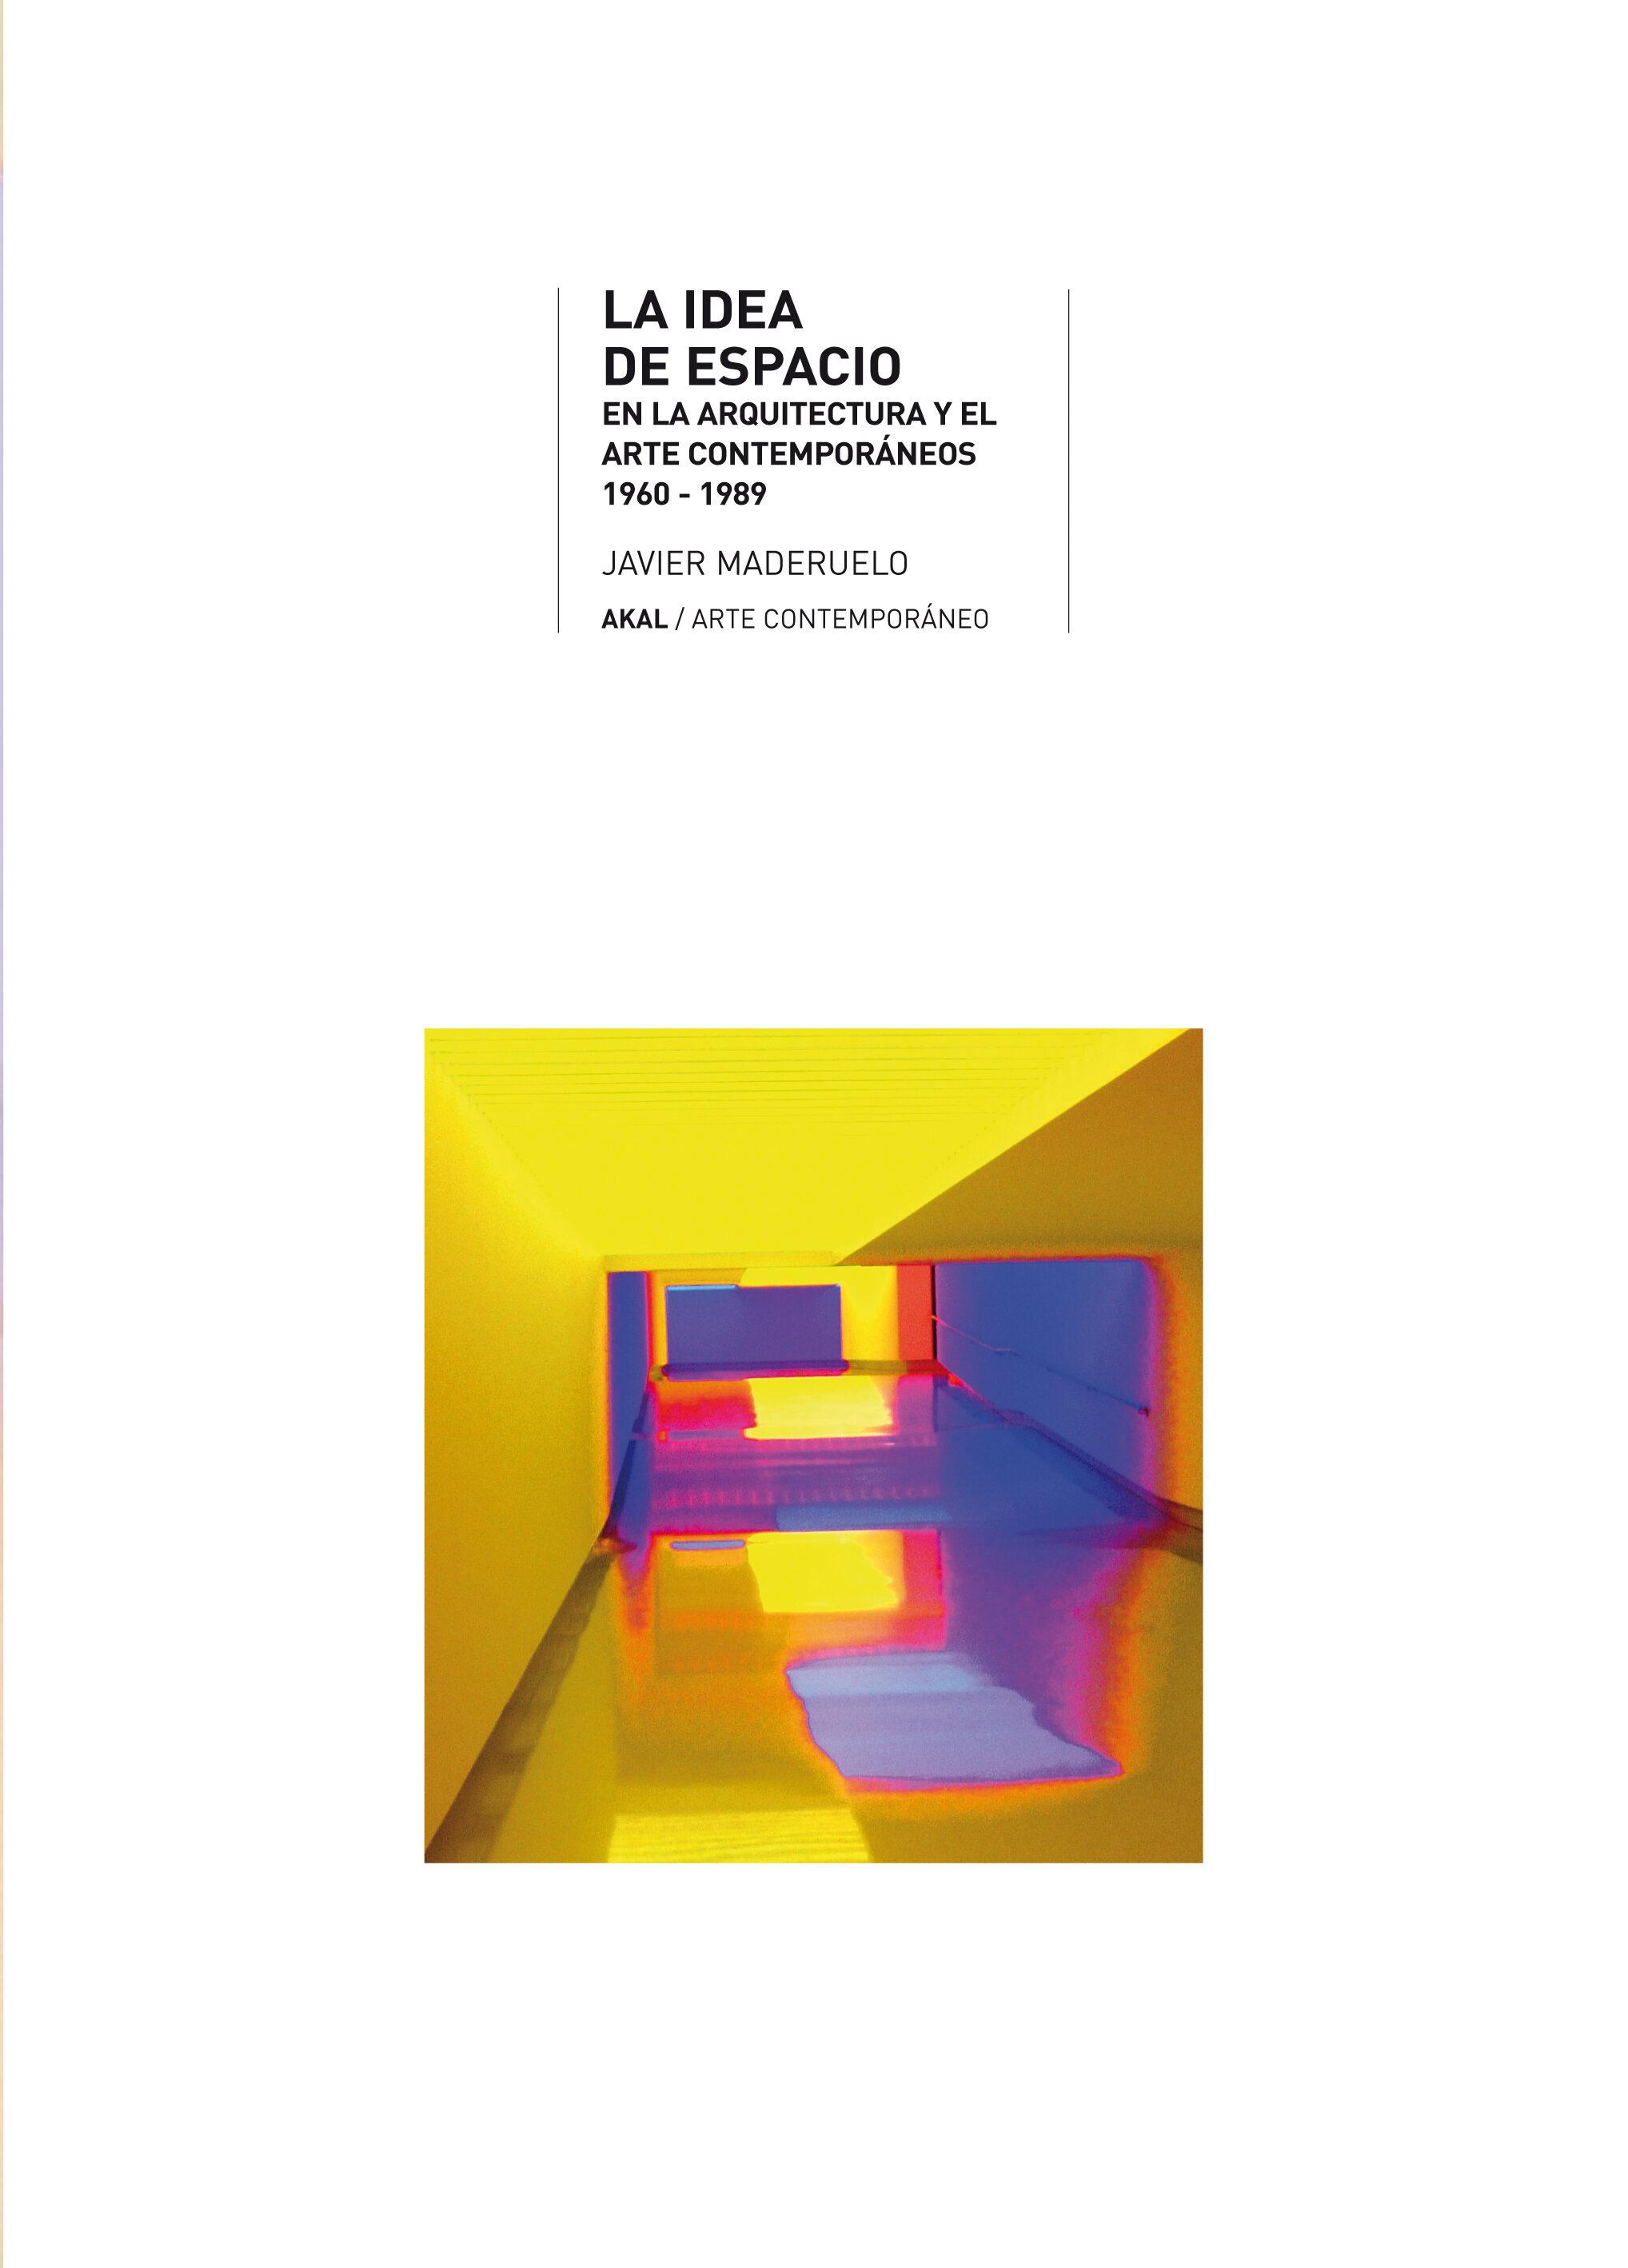 La Idea De Espacio En La Arquitectura Y El Arte Contemporáneos 1 960-1 - Maderuelo Javier